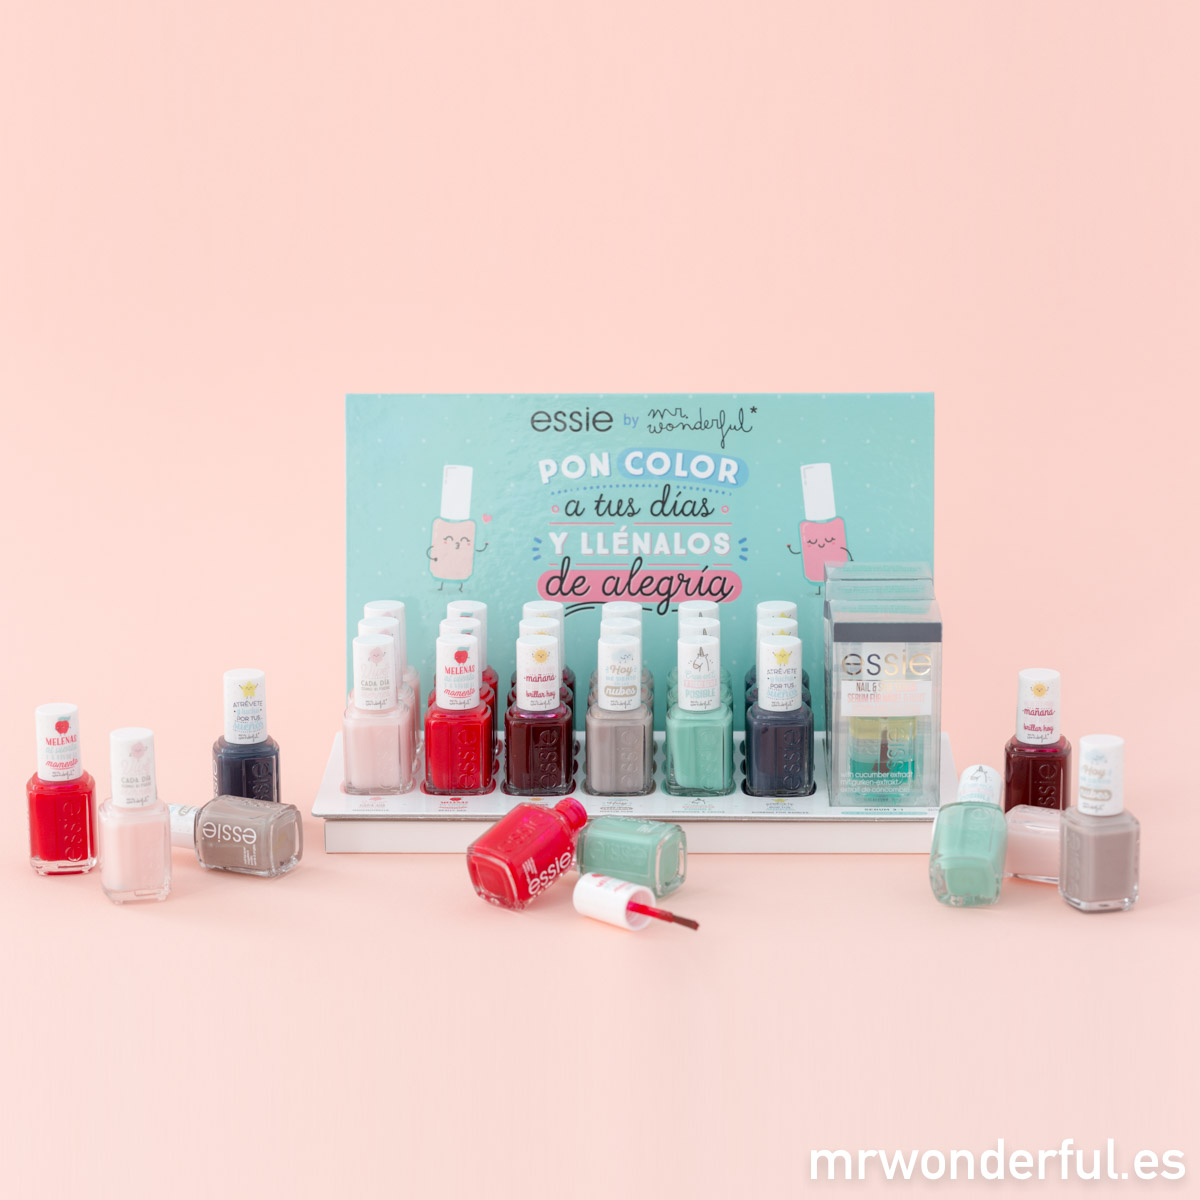 ¡Pon color a tus días y llénalos de alegría! Con la nueva colección de Essie by Mr. Wonderful